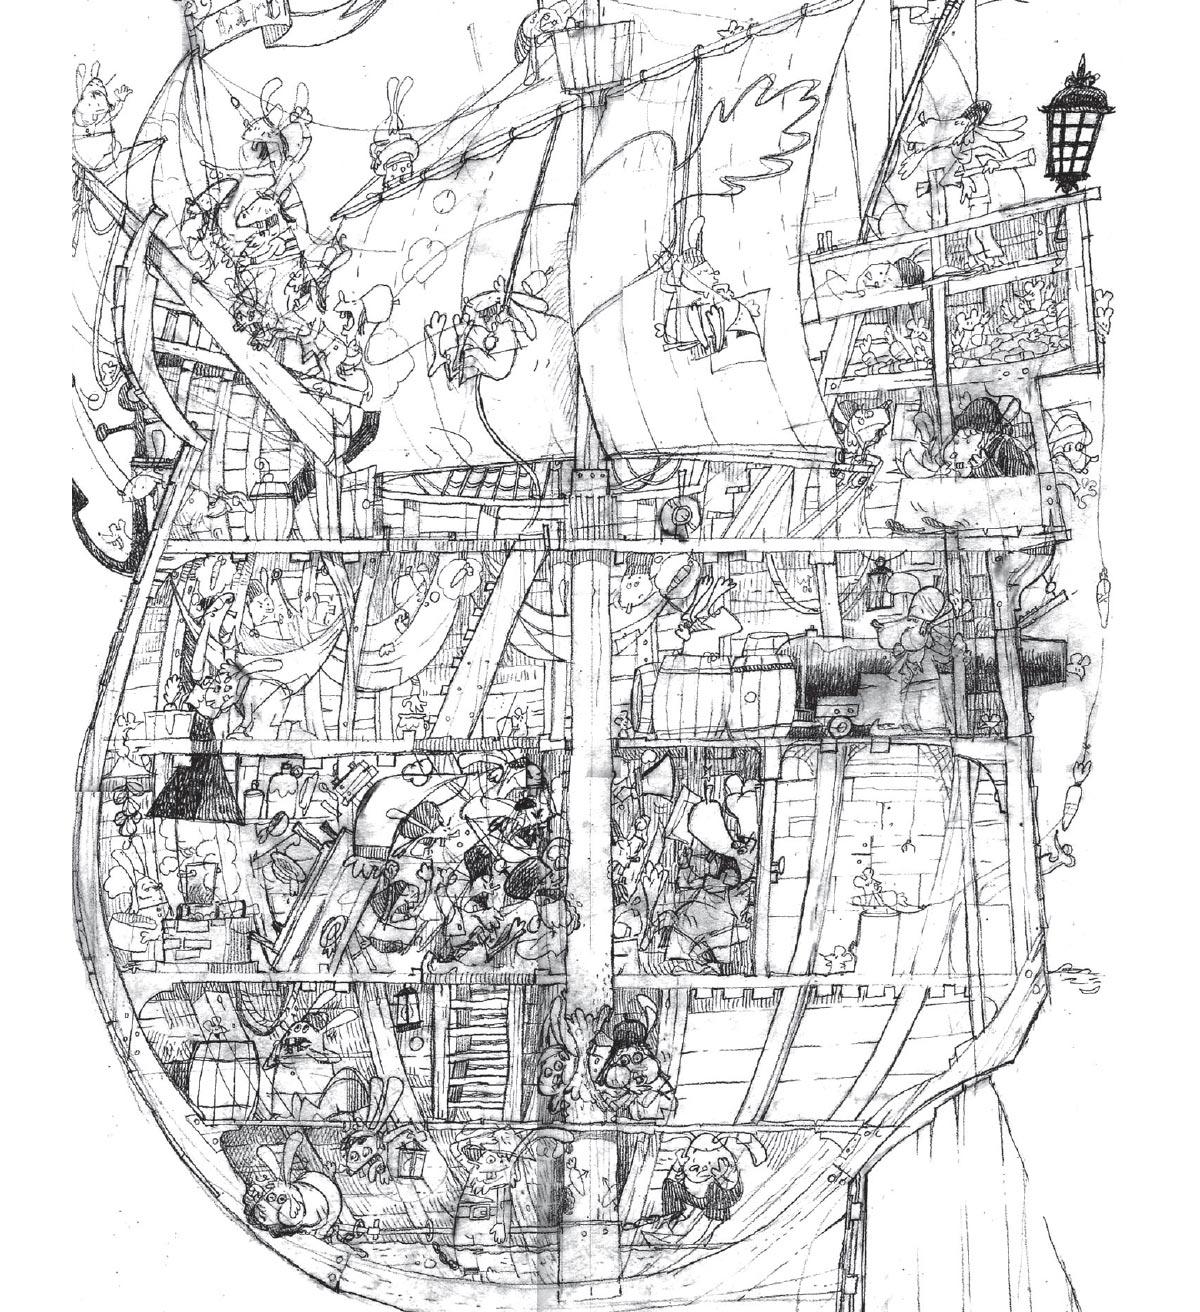 Croquis de la caravelle de Christophus Lapinobellomus Colombus « C'est une image un peu différente des autres. Il n'y a que très peu de carottes, les lapins sont au bord de la folie, et la Carotte Bleue n'est pas difficile à trouver. Je voulais que la folie et la peur se lisent sur le visage des personnages, une sorte de vaisseau de l'angoisse qui aurait illustré la légendaire malédiction des lapins sur un bateau. »